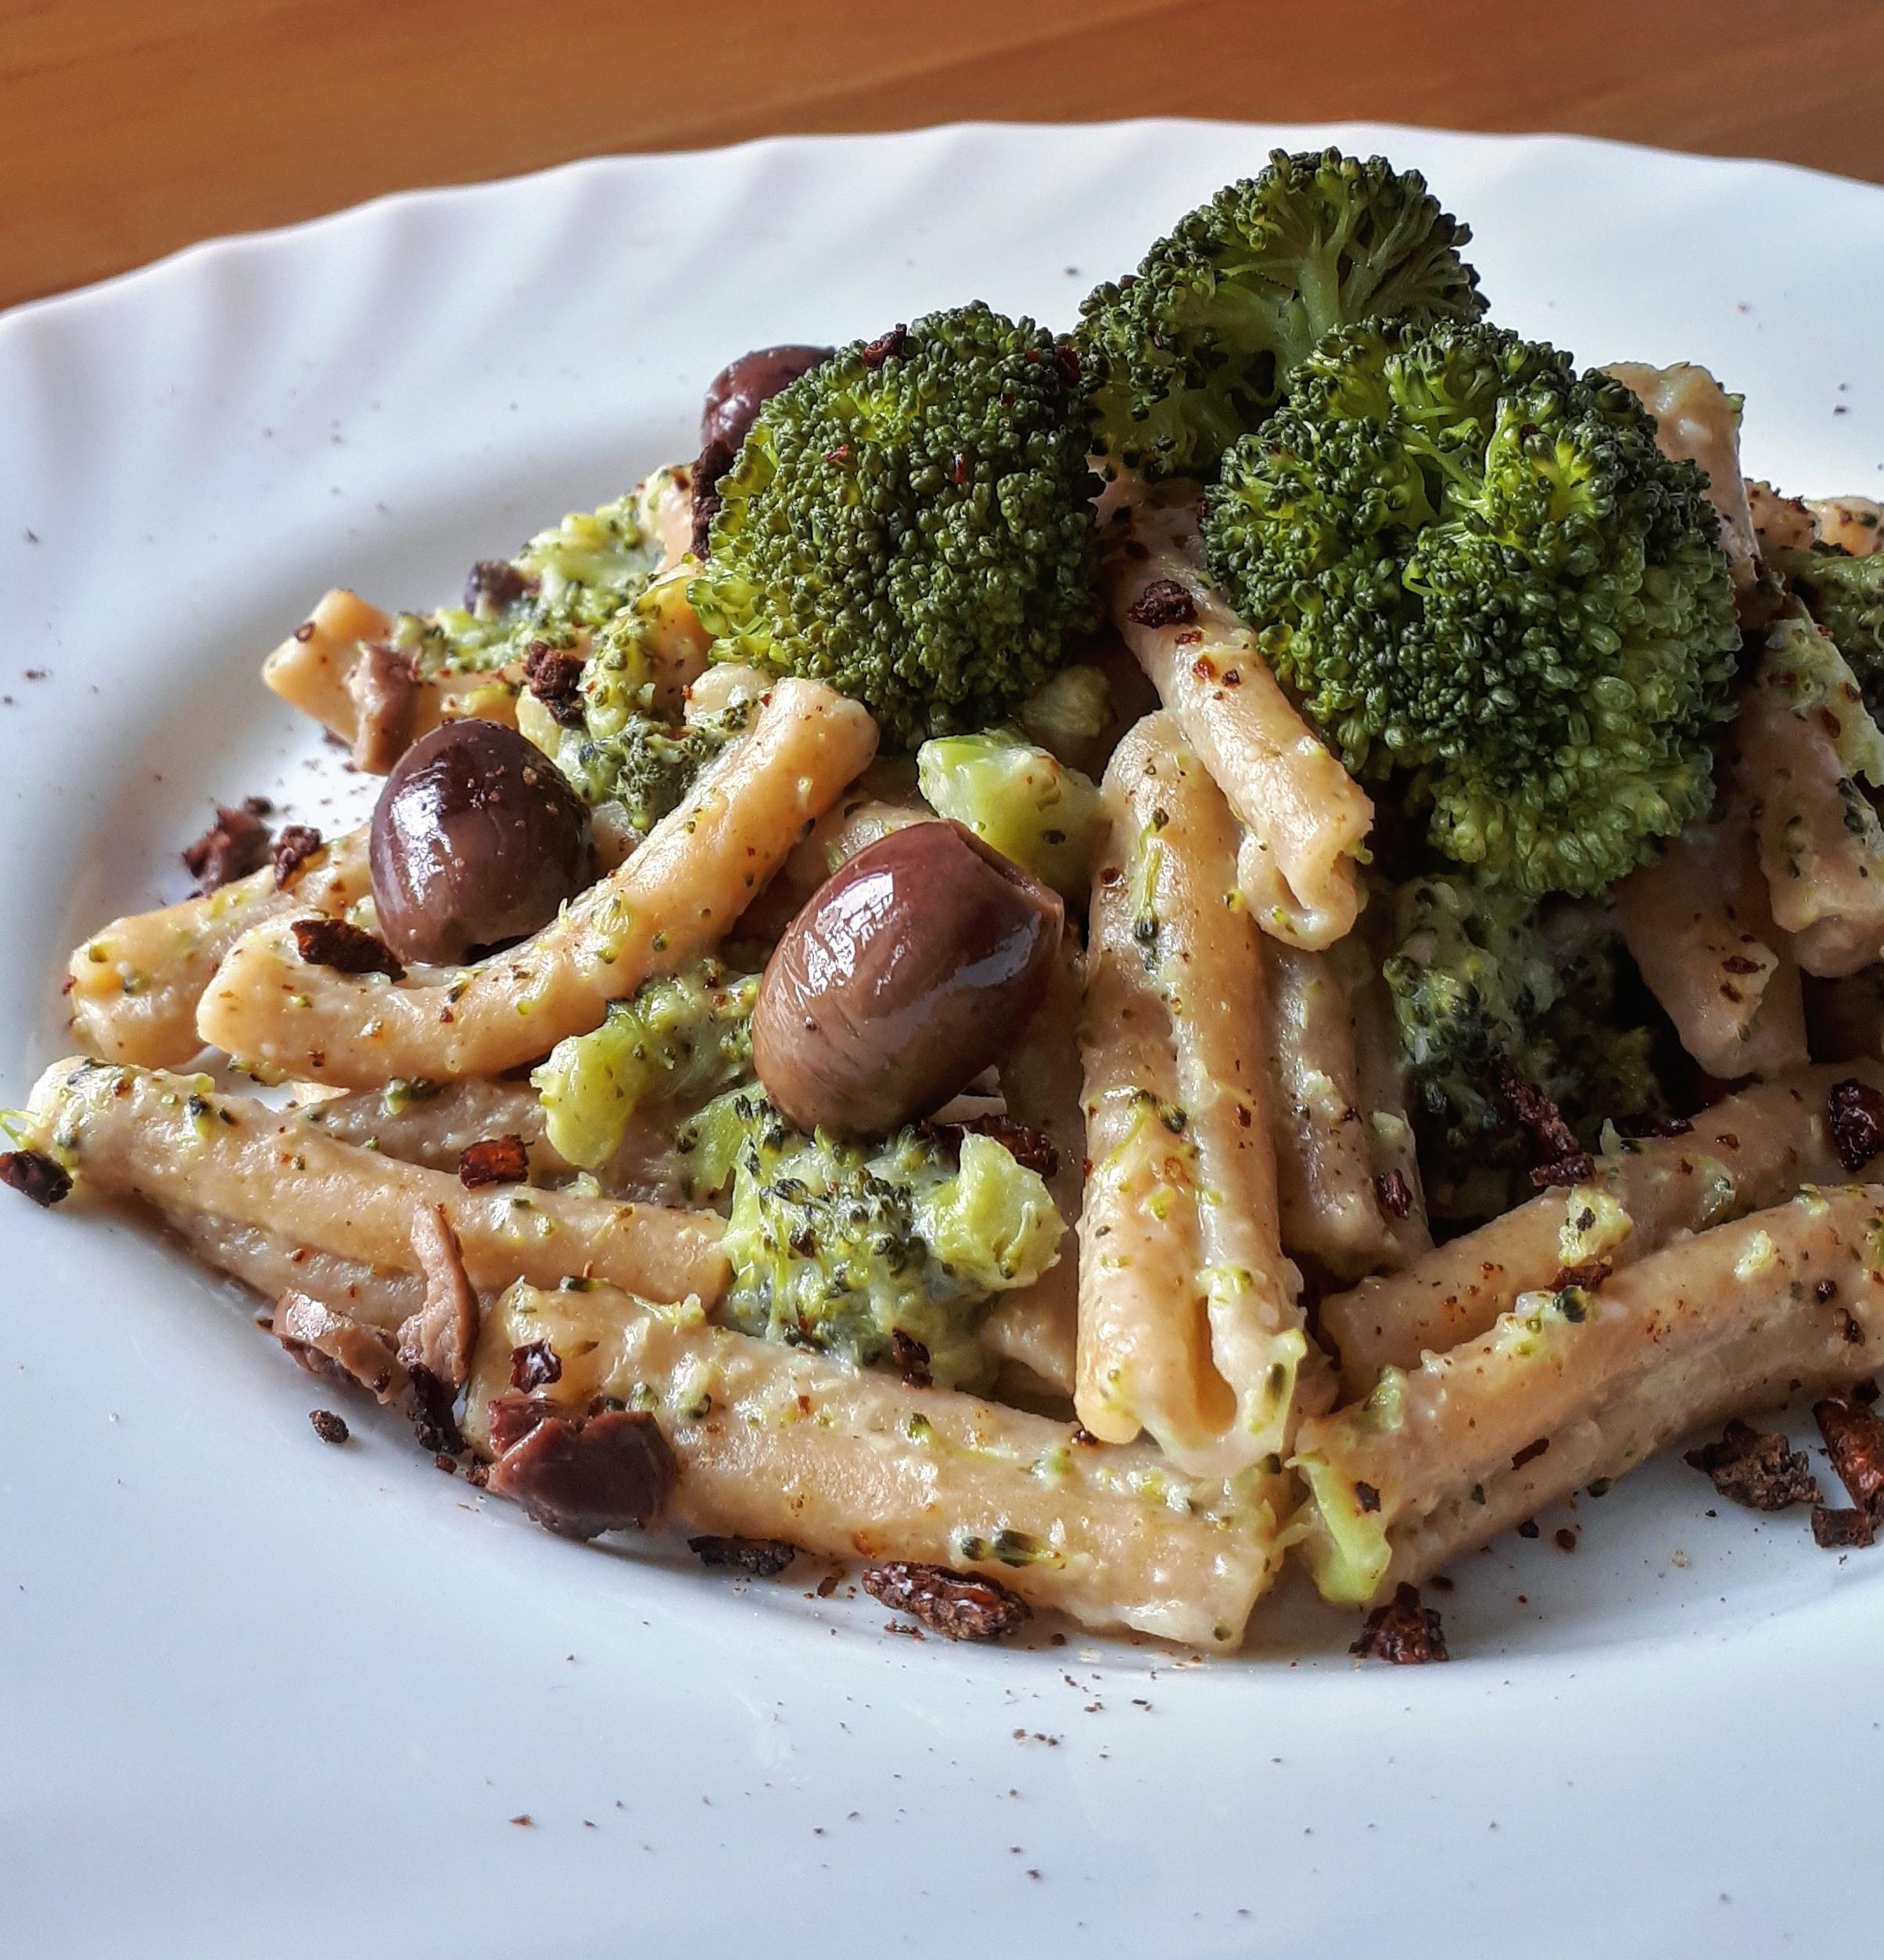 caserecce-integrali-con-broccoletti-e-olive-nere